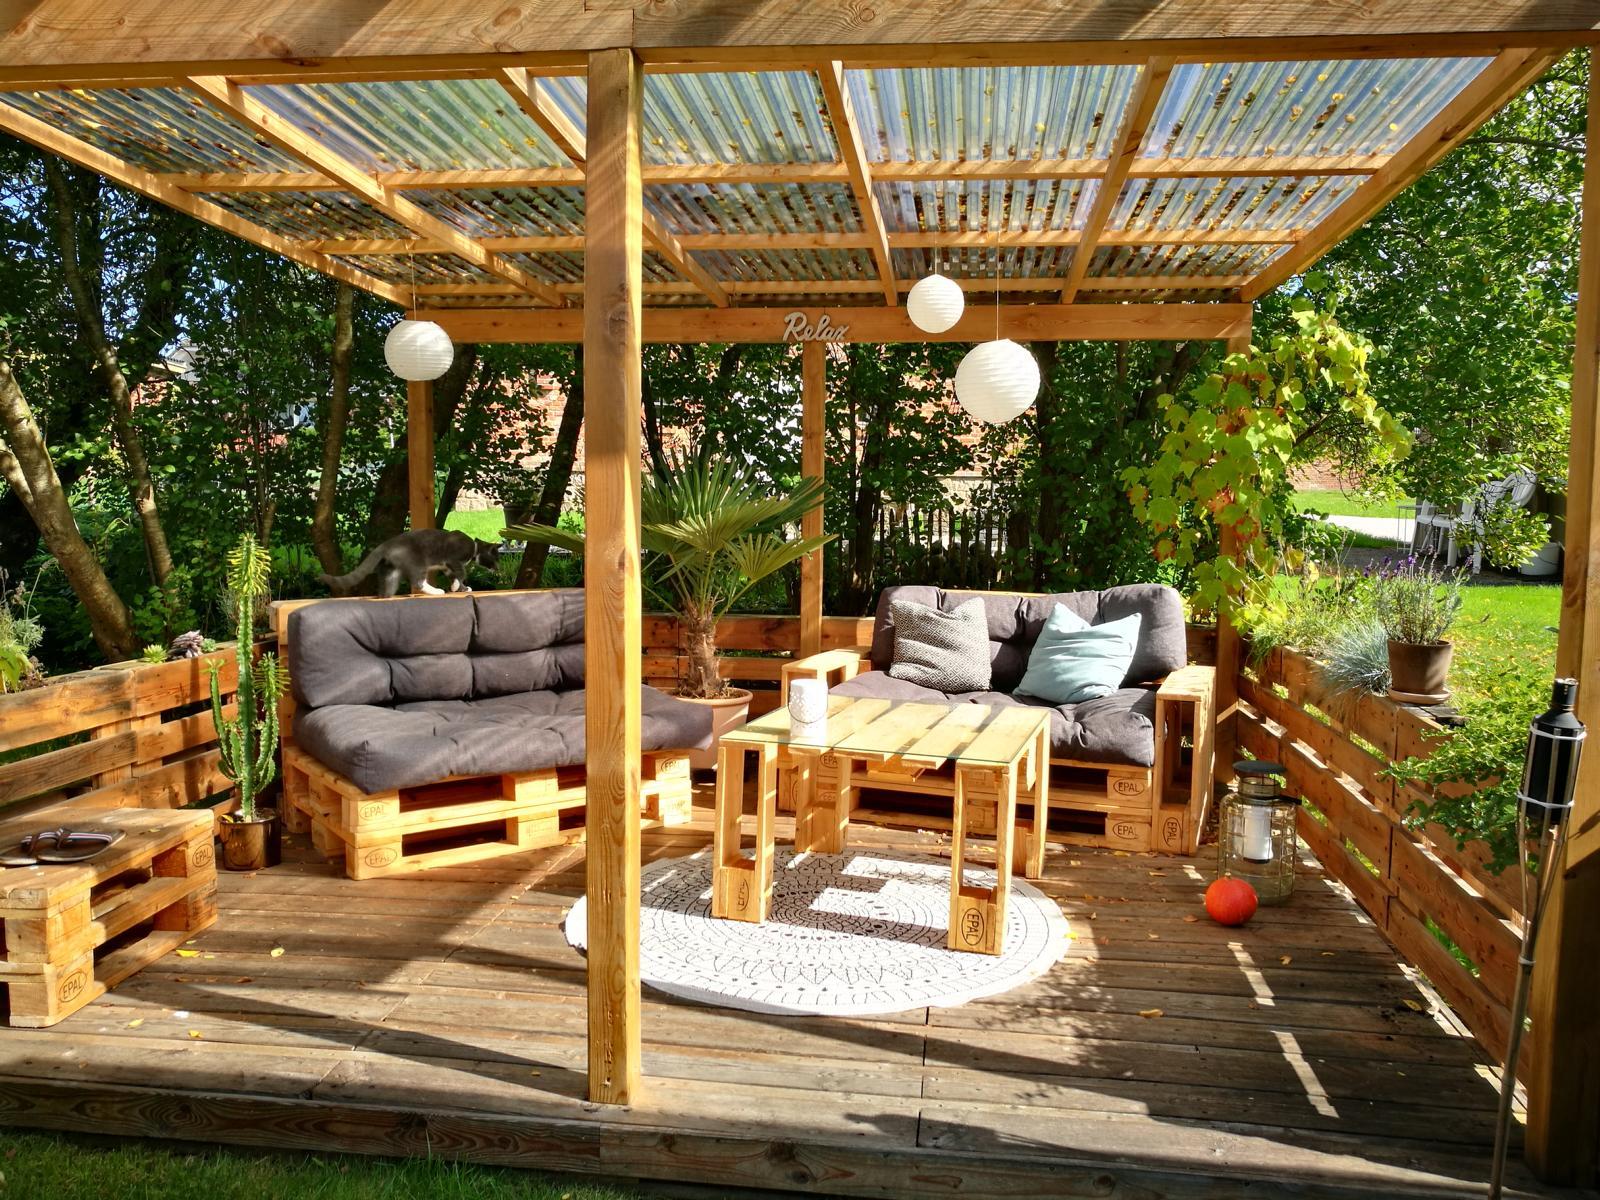 Terrasse Paletten Draußen Zu Hause Eine Terrasse Aus Paletten